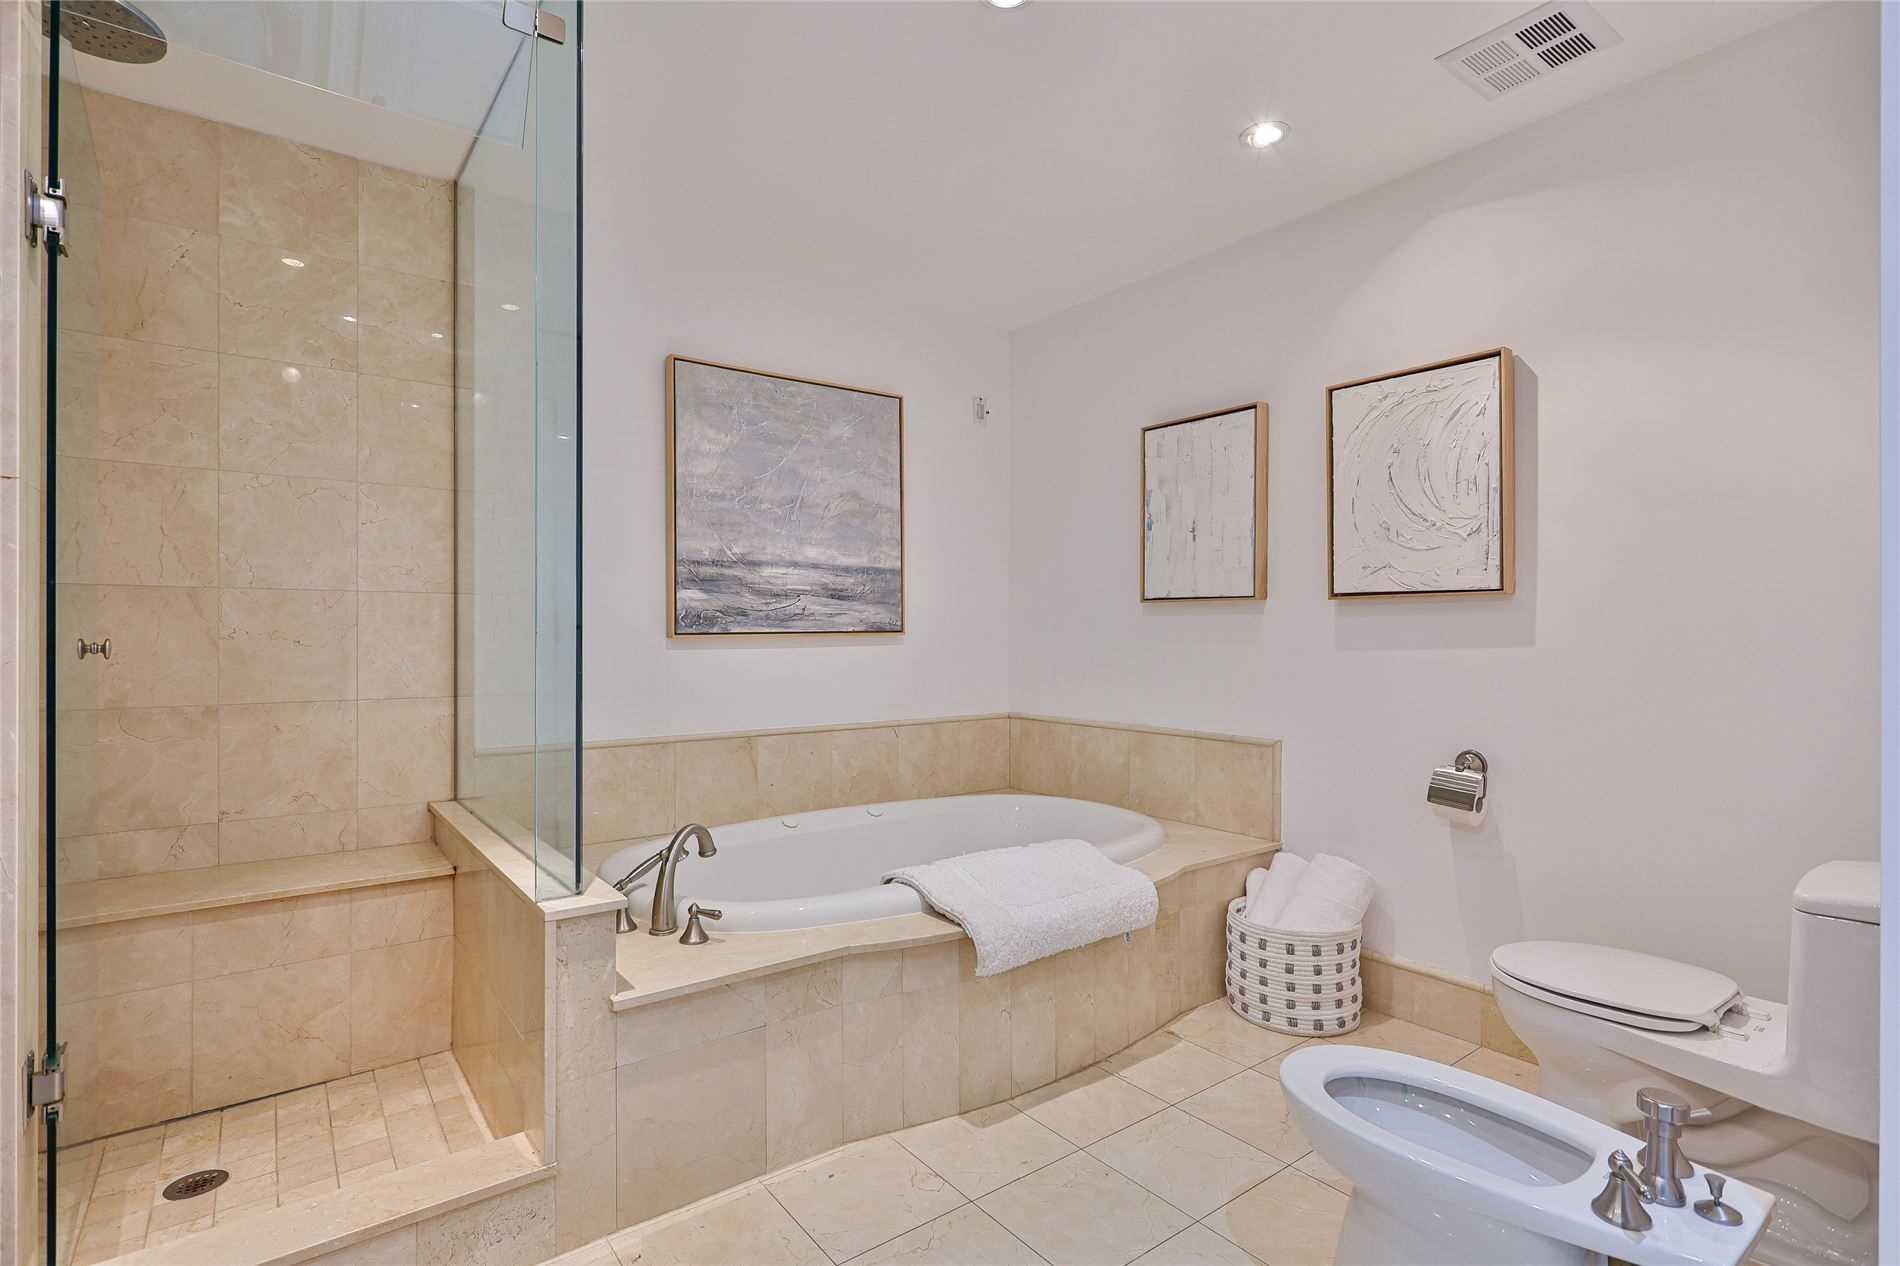 317 - 2095 Lake Shore Blvd W - Mimico Condo Apt for sale, 2 Bedrooms (W5369727) - #24